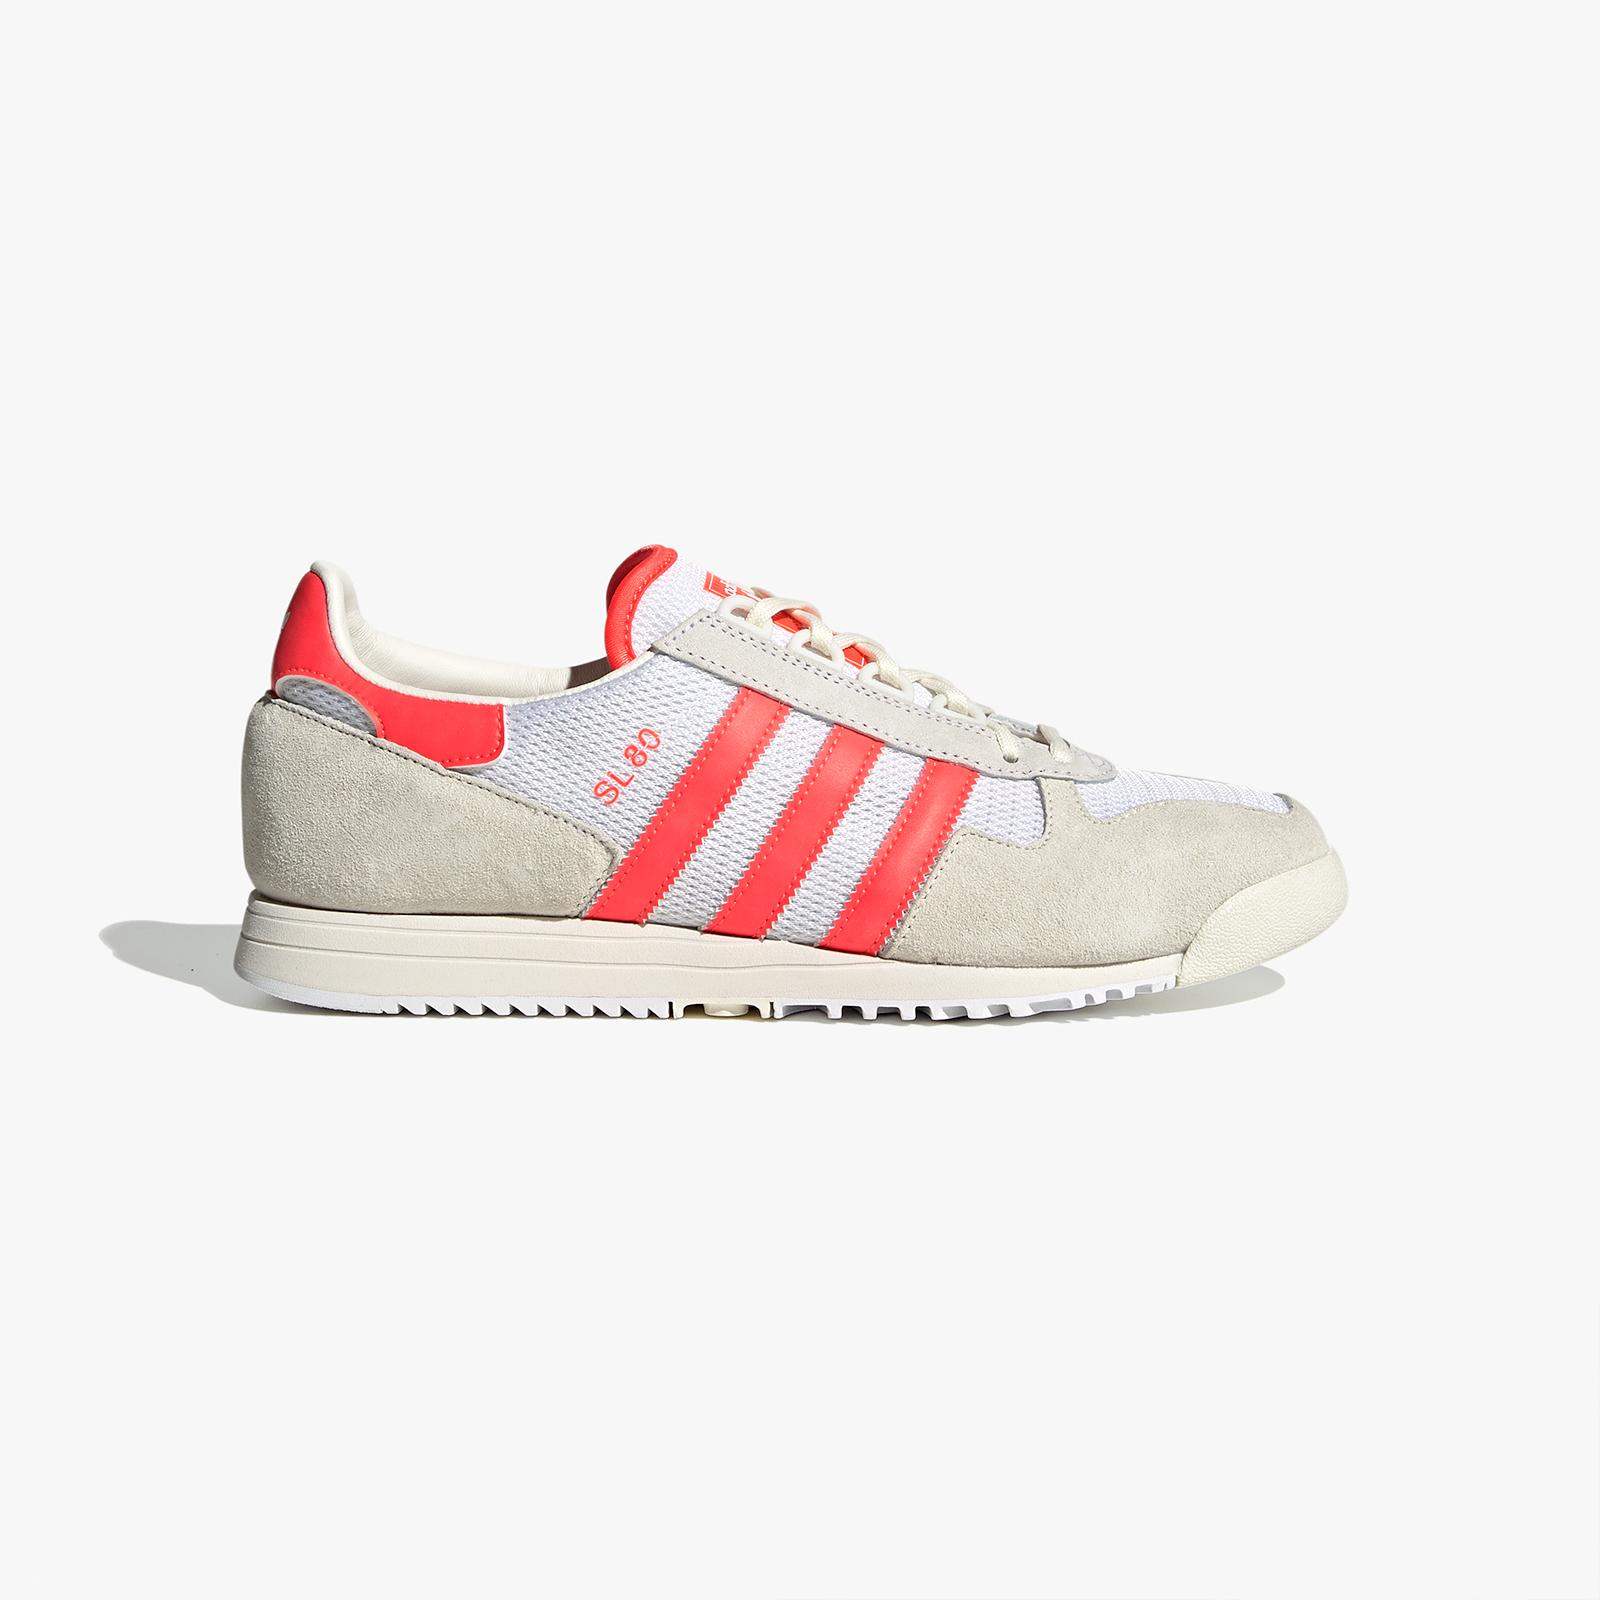 adidas SL 80 - Fv9790 - SNS   sneakers & streetwear online since 1999